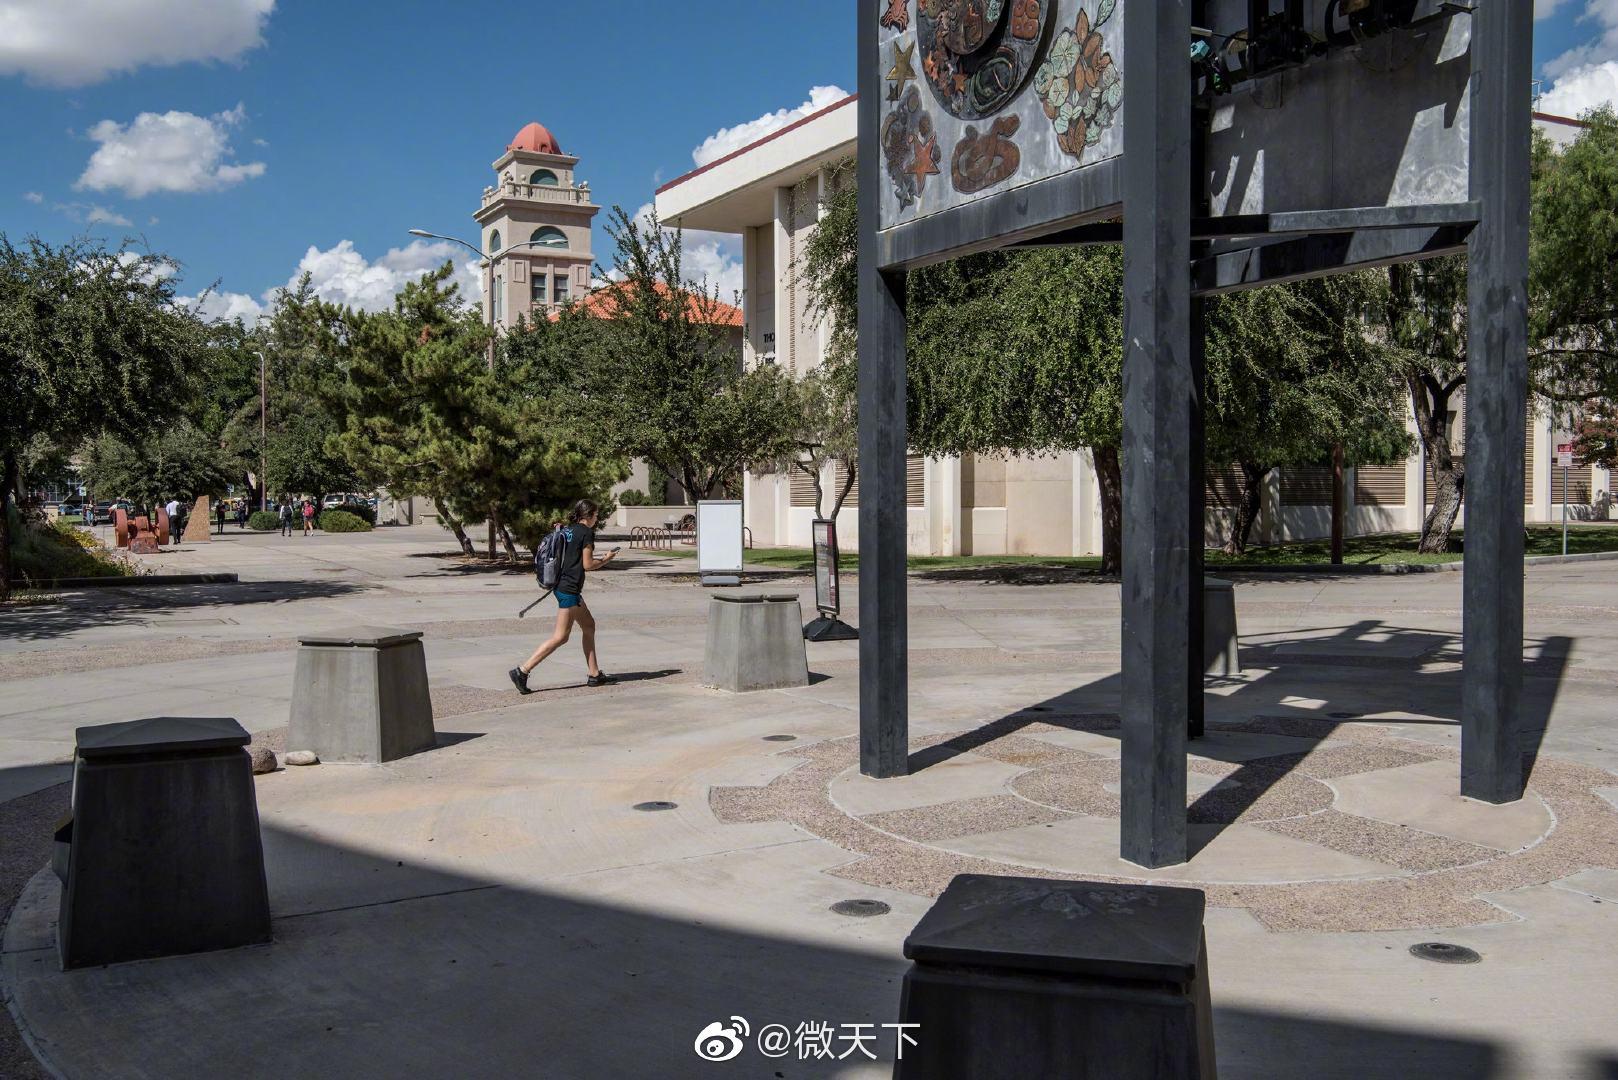 美国新墨西哥州计划免去当地公立大学学费